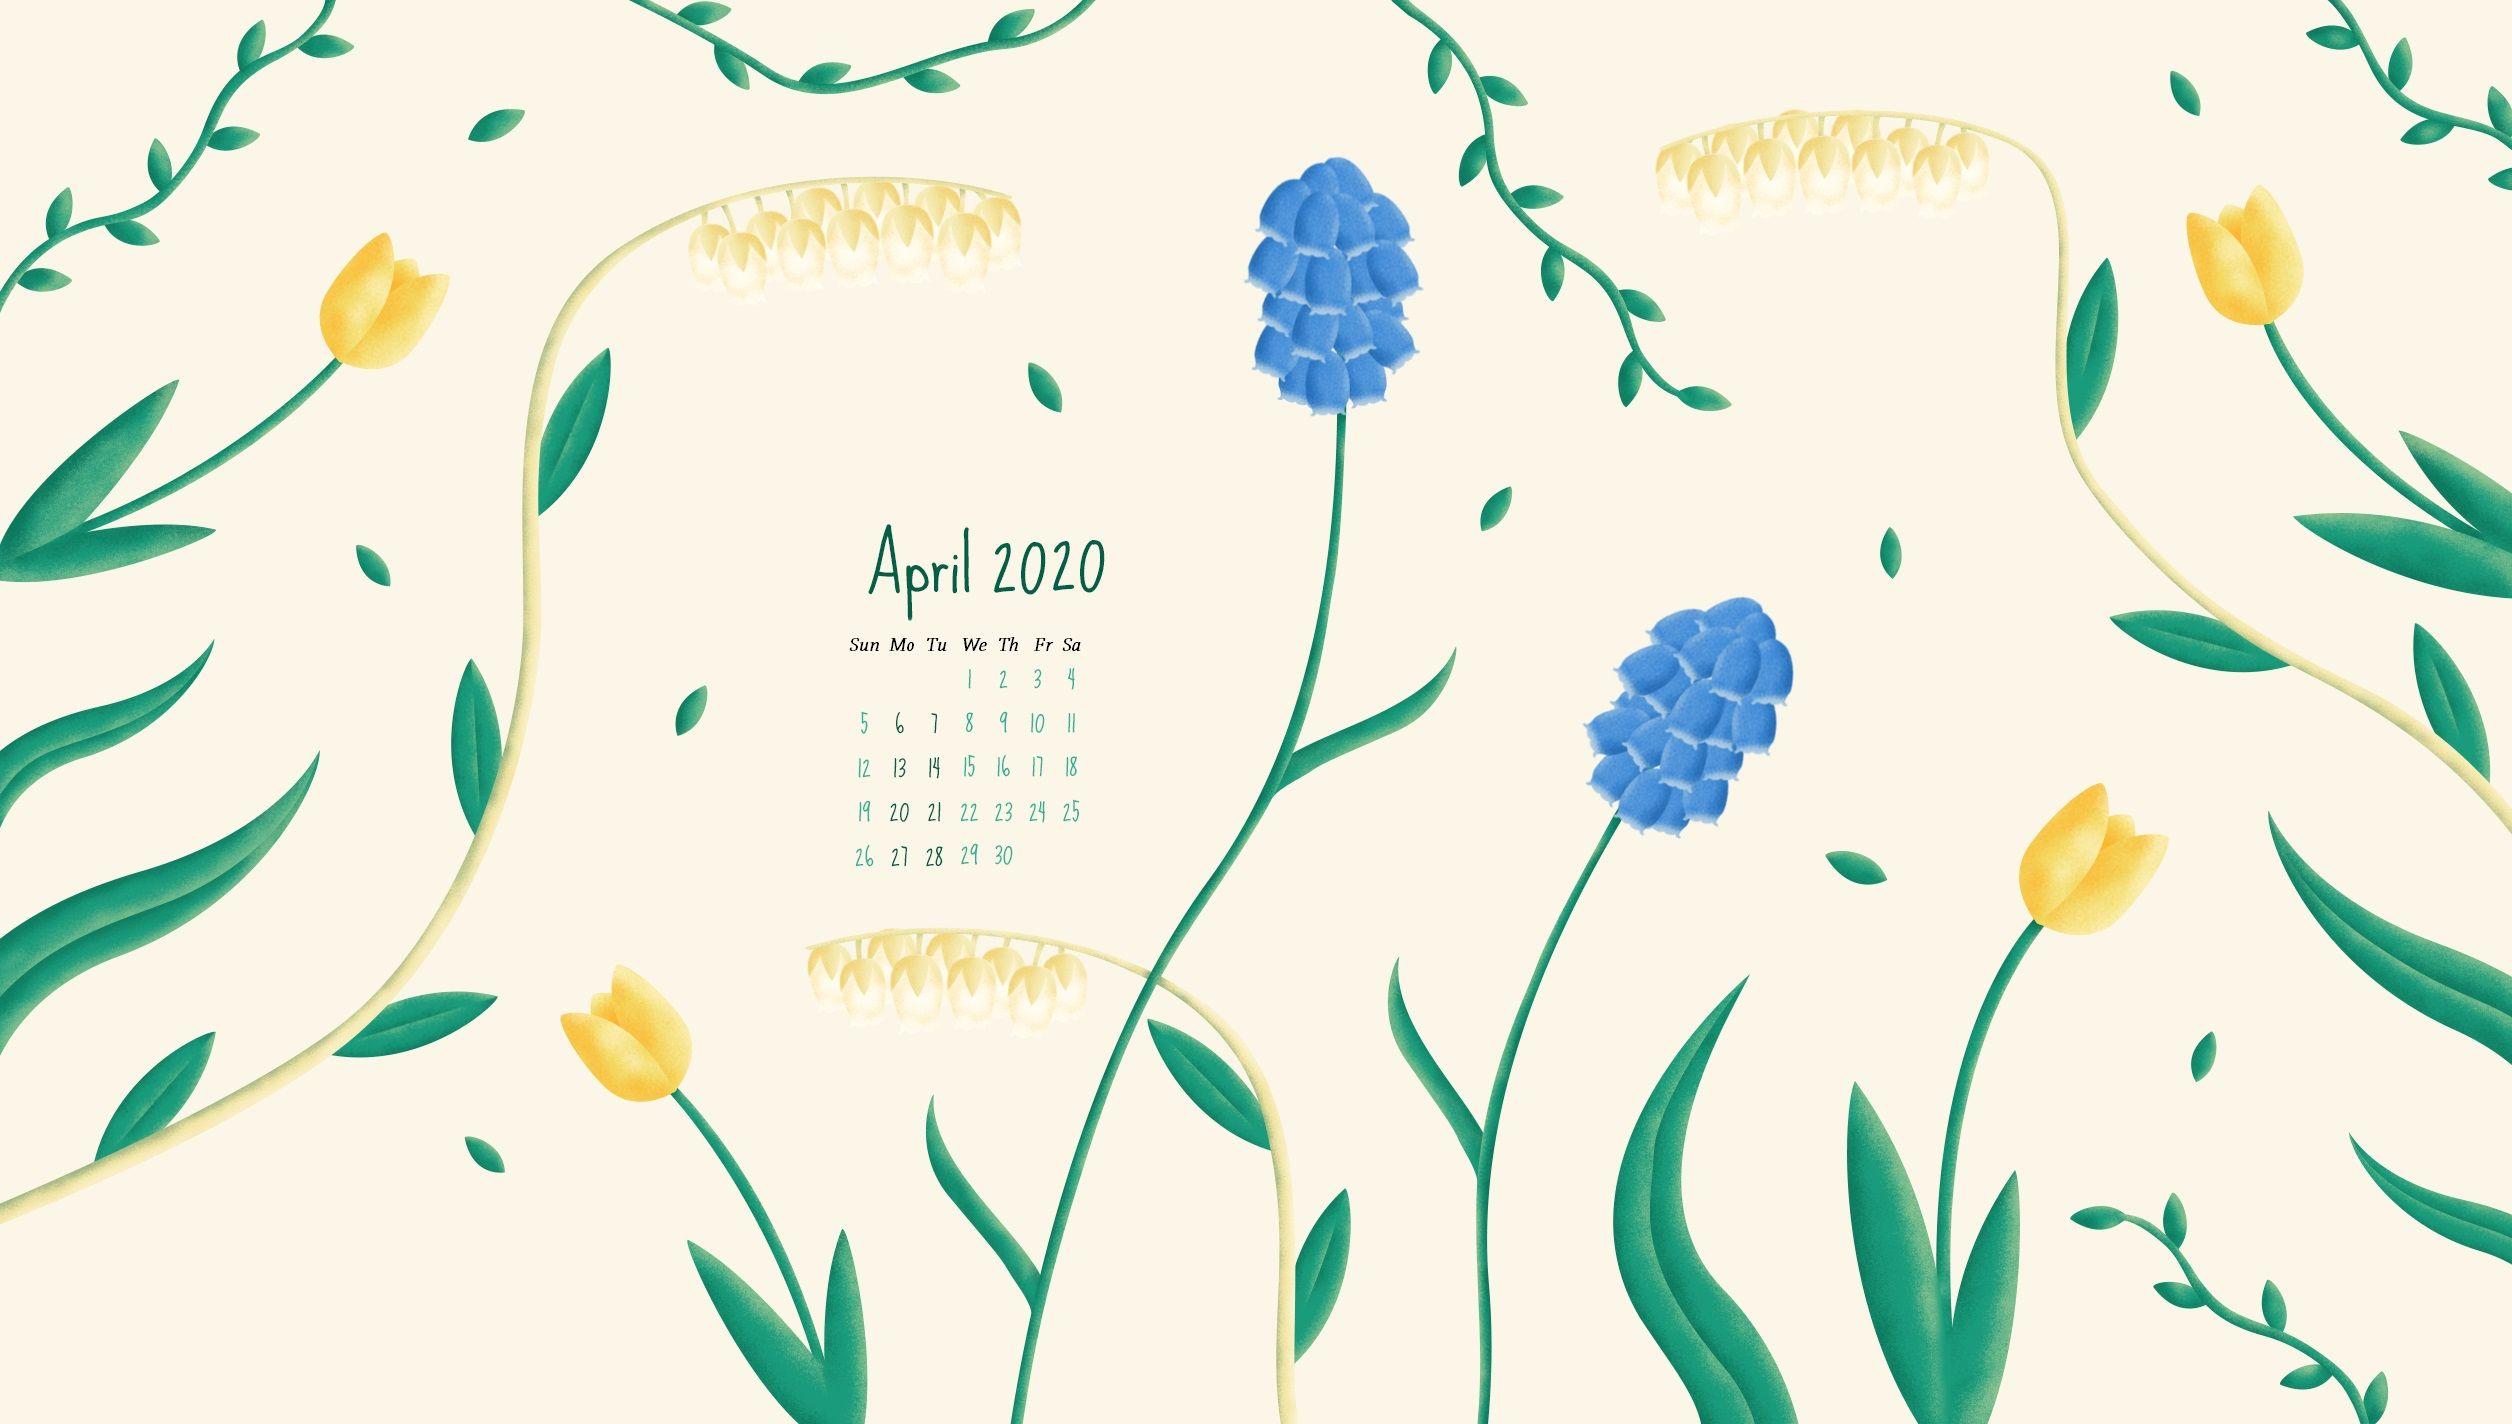 April 2020 Calendar Wallpaper – Desktop and iPhone in 2020 ...